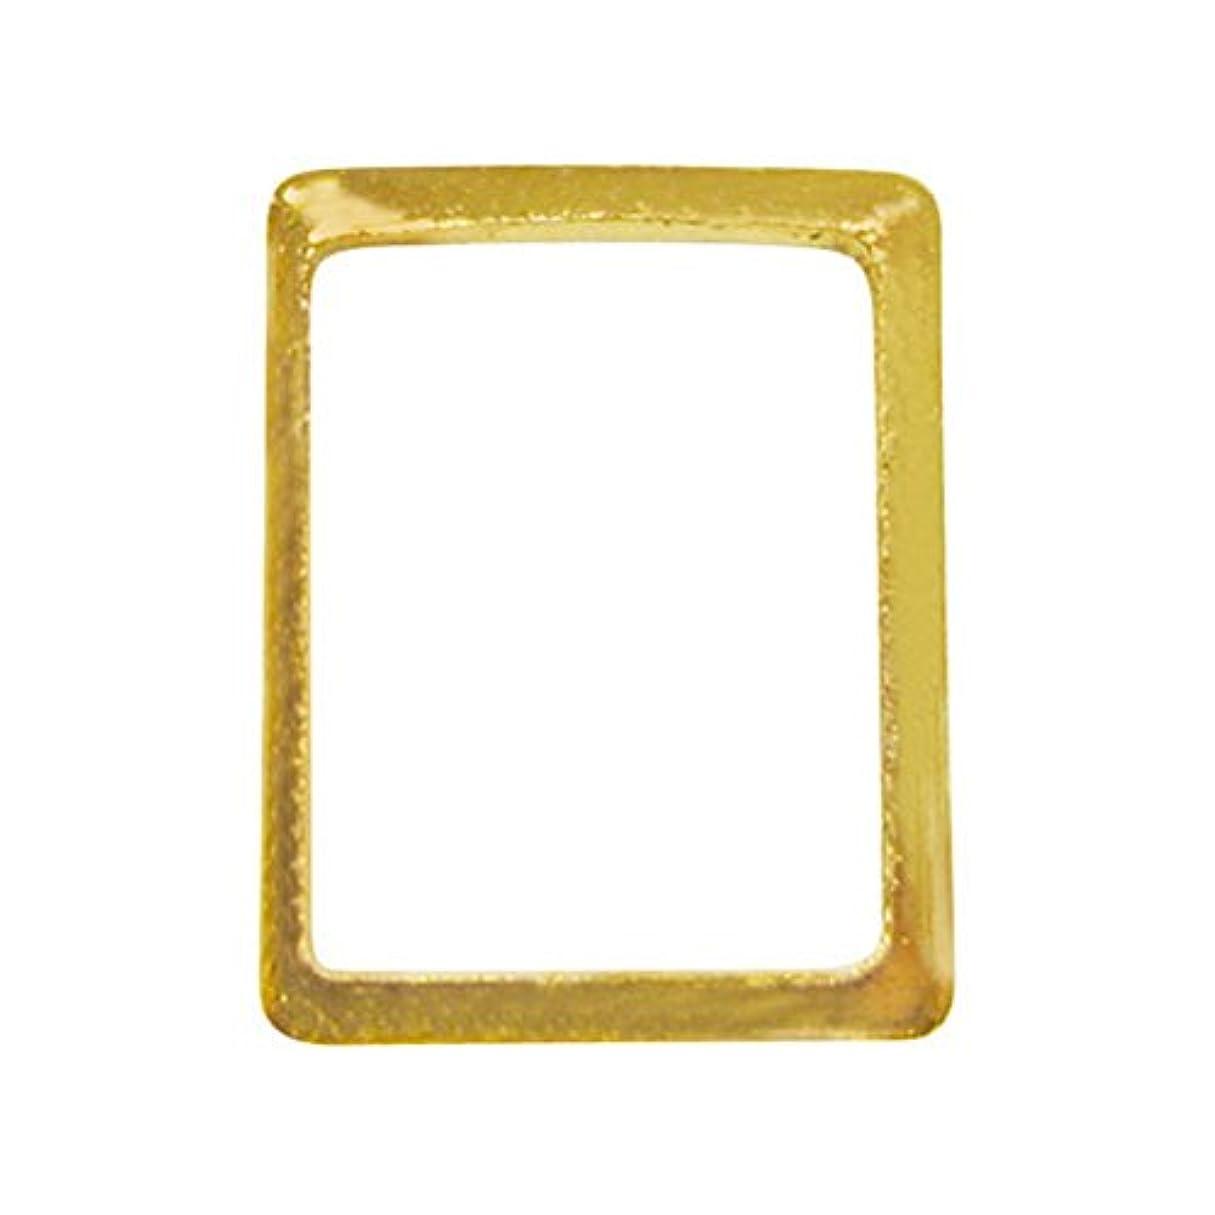 挑む決定機械的にサンシャインベビー ジェルネイル シンプル スクエアフレームM(長方形ゴールド) 10P